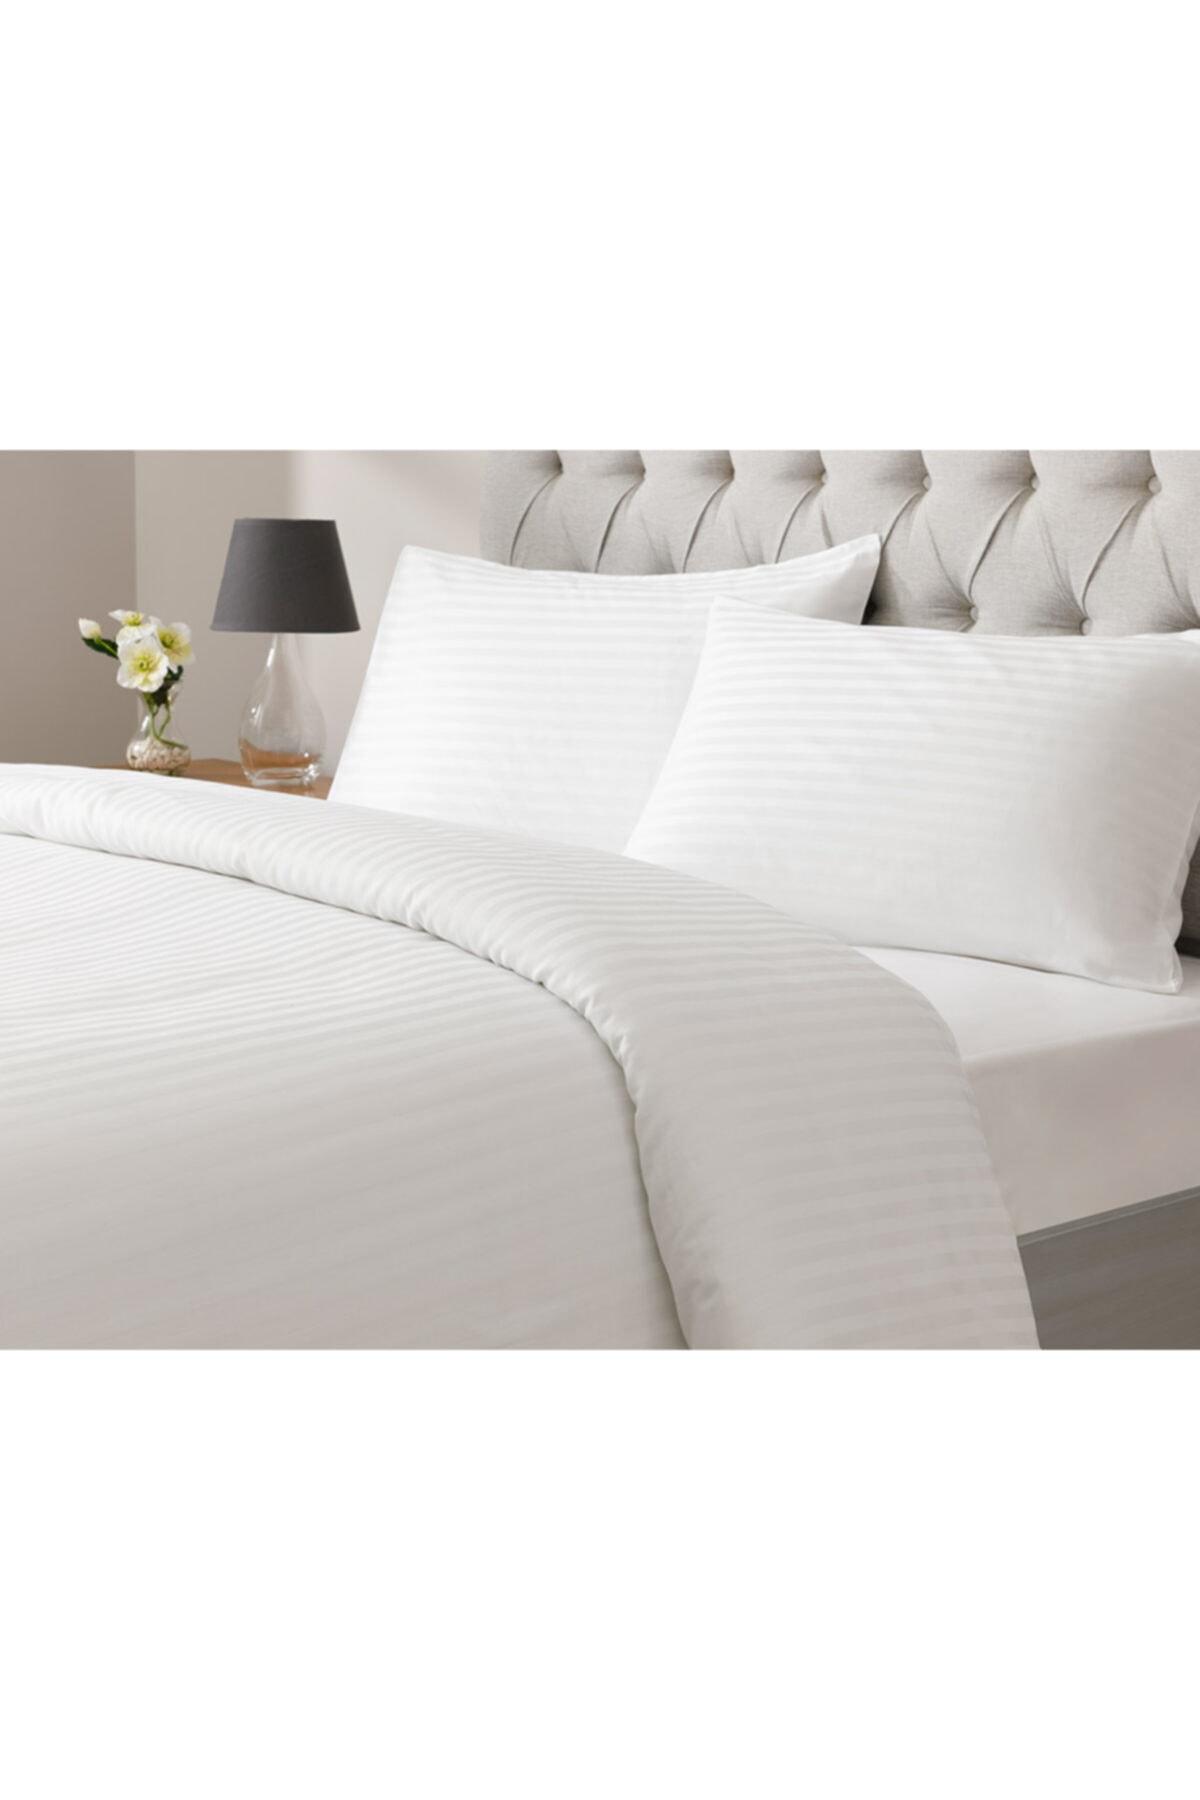 English Home White Collection Saten Çizgili Çift Kişilik Nevresim Takımı 200x220 Cm Beyaz 1